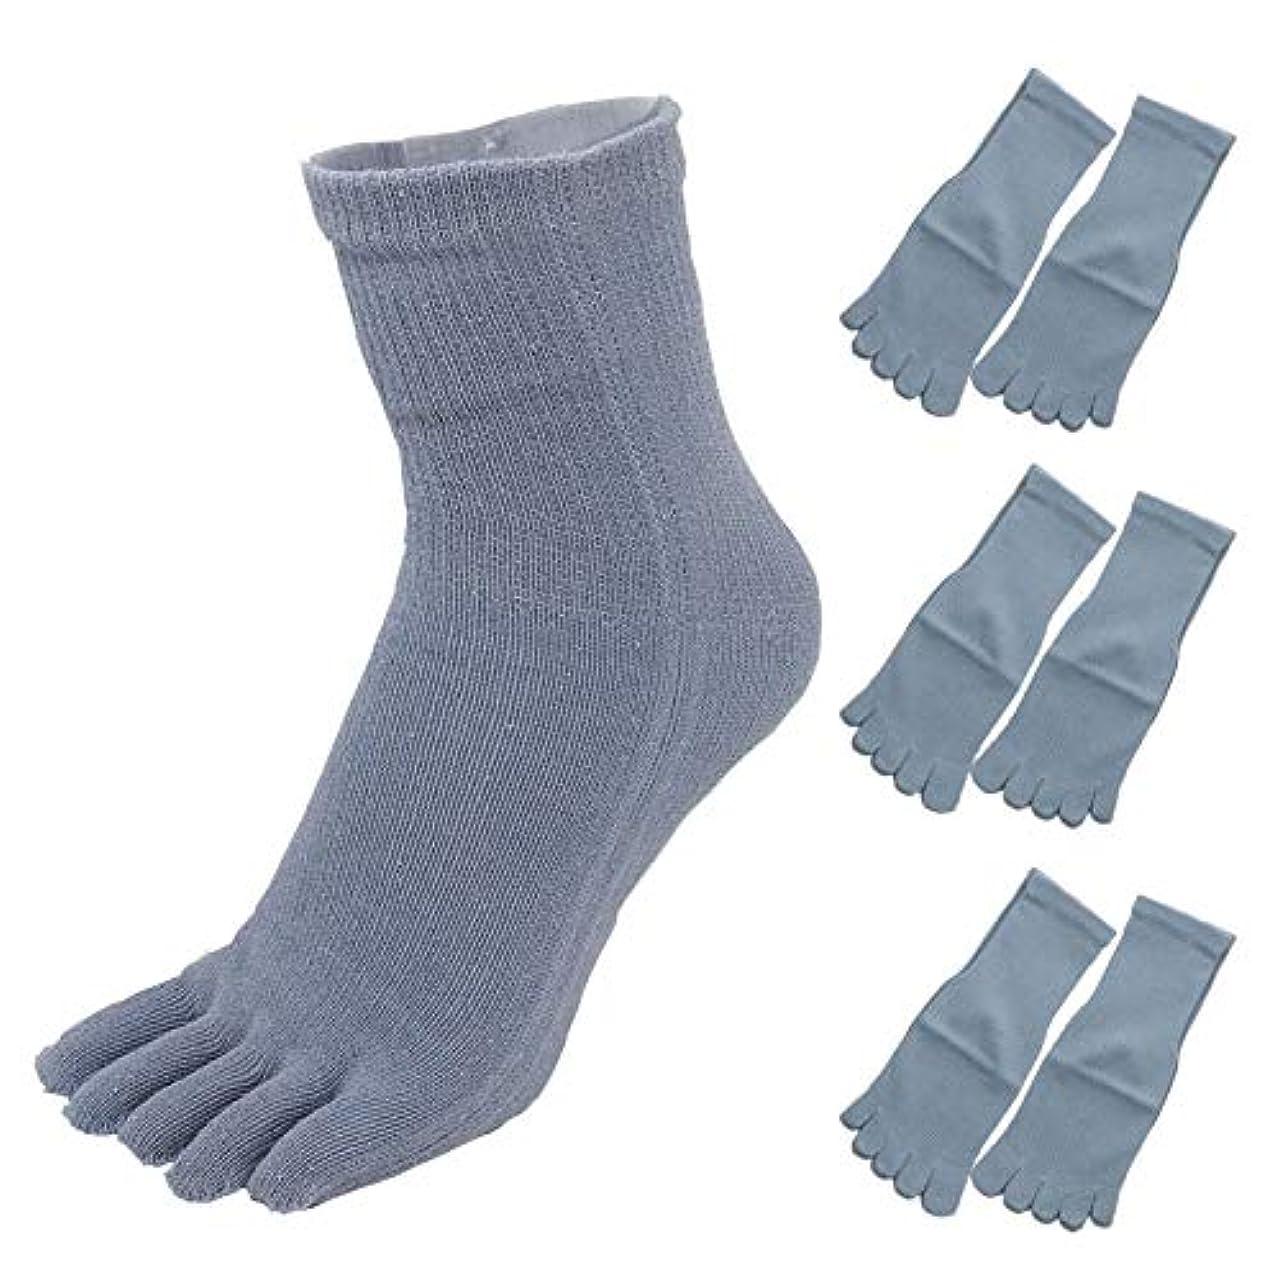 海軍バッグ表面的なUSK STORE レディース シルク混 絹 5本指 ソックス 3足組 重ね履き用 靴下 保温 抗菌 通気性バツグン (ブルーグレー)